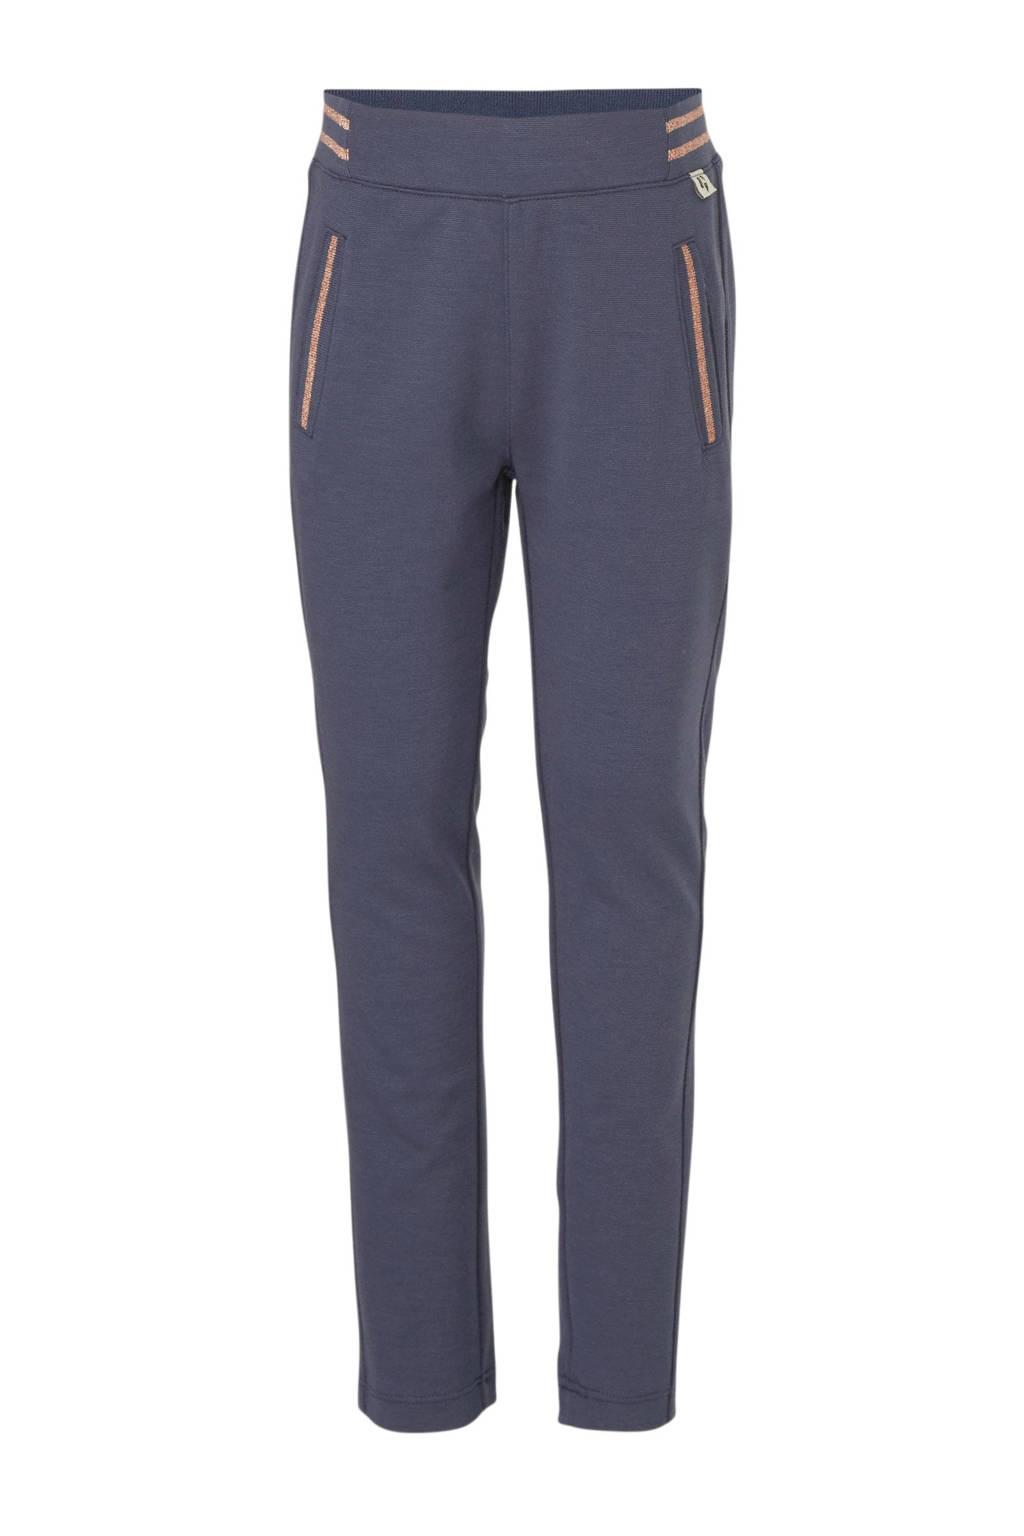 Garcia loose fit joggingbroek donkerblauw/rose goud, Donkerblauw/rose goud